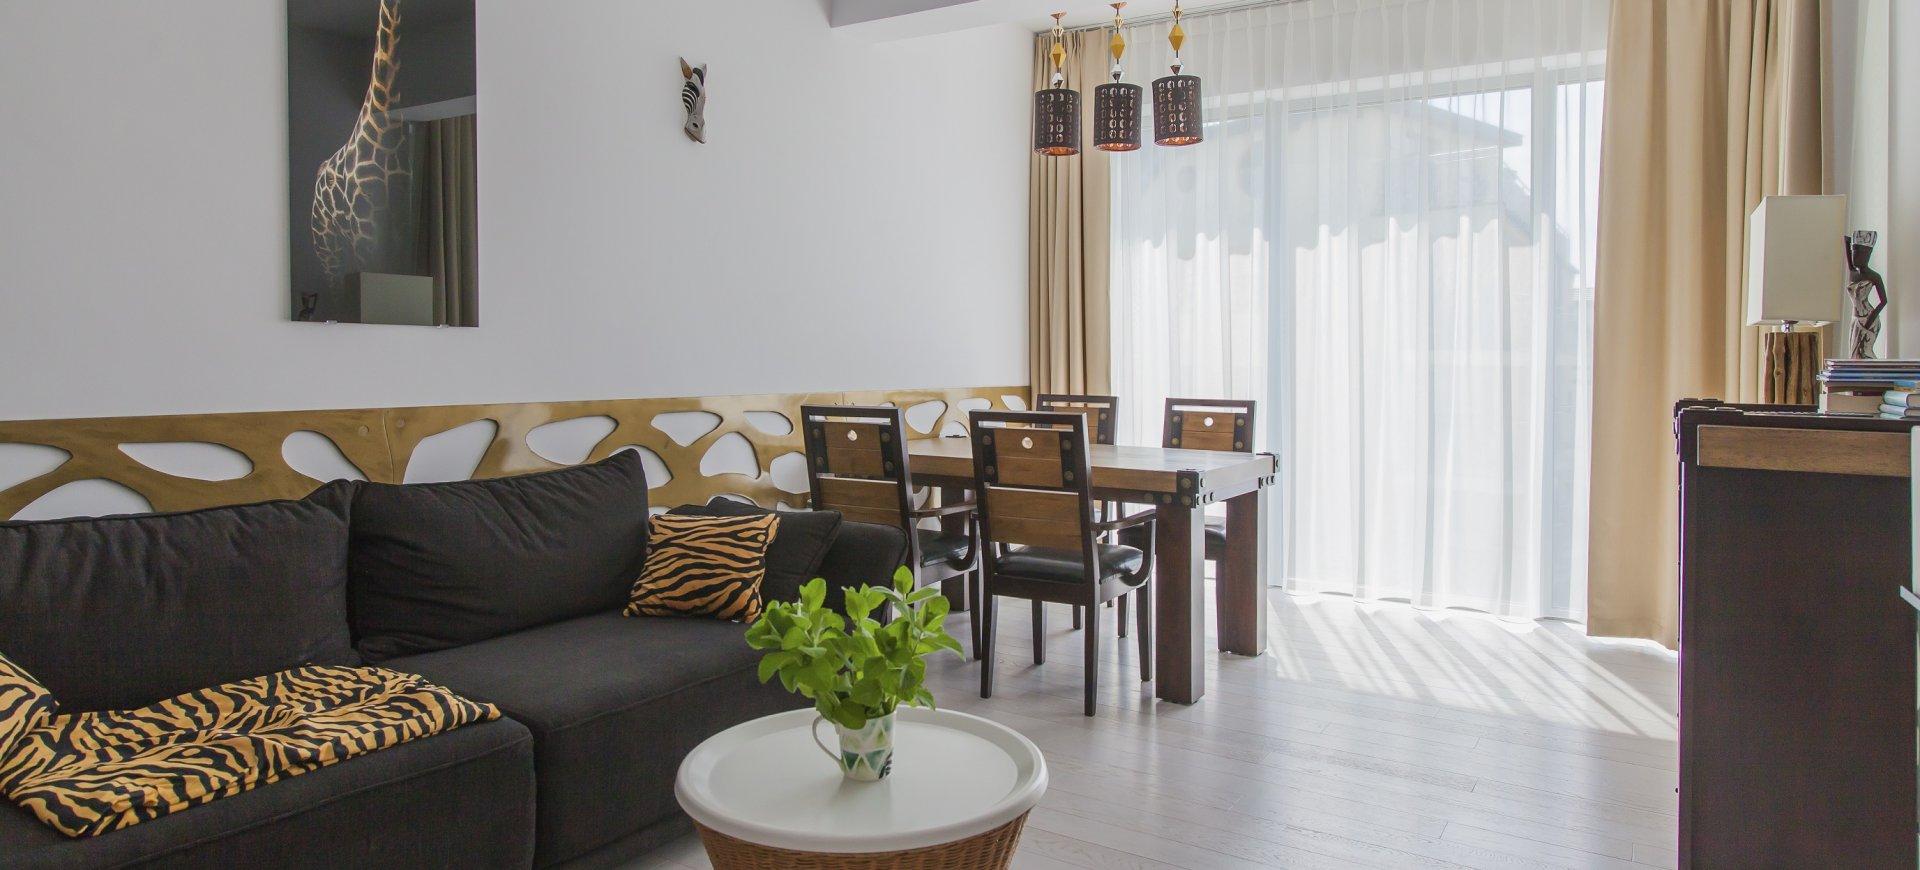 Apartament Deluxe z 1 sypialnią 2.25 B